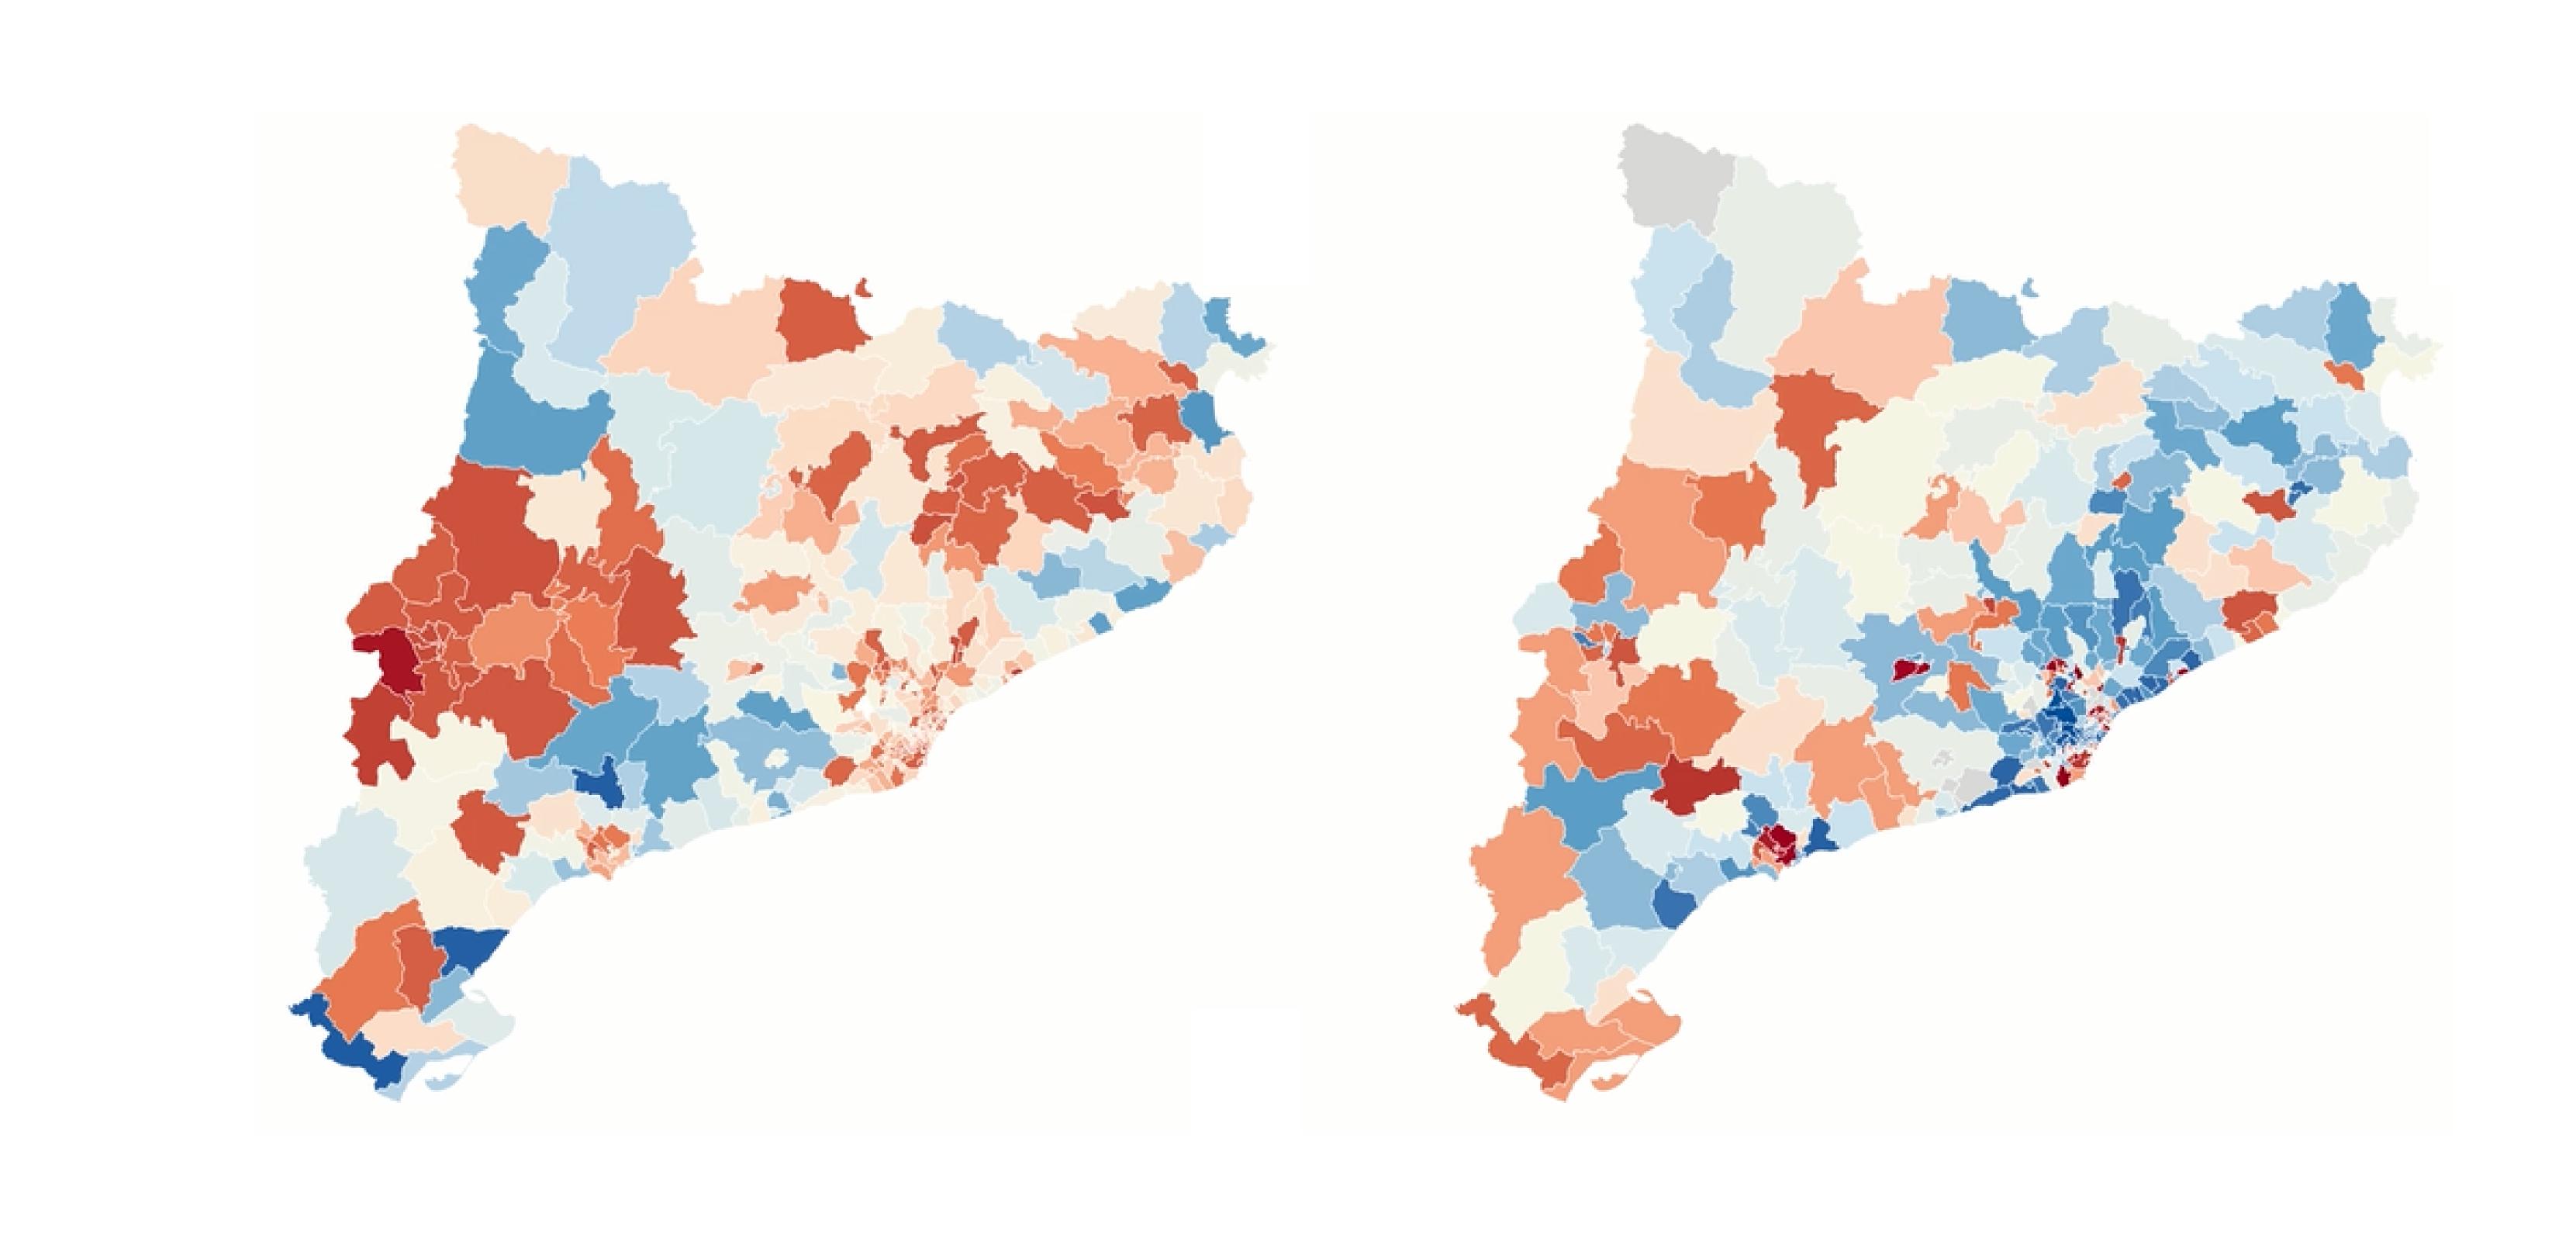 A l'esquerra, casos positius de Covid-19 per cada 100.000 habitants per ABS; a la dreta, índex socioeconòmic compost